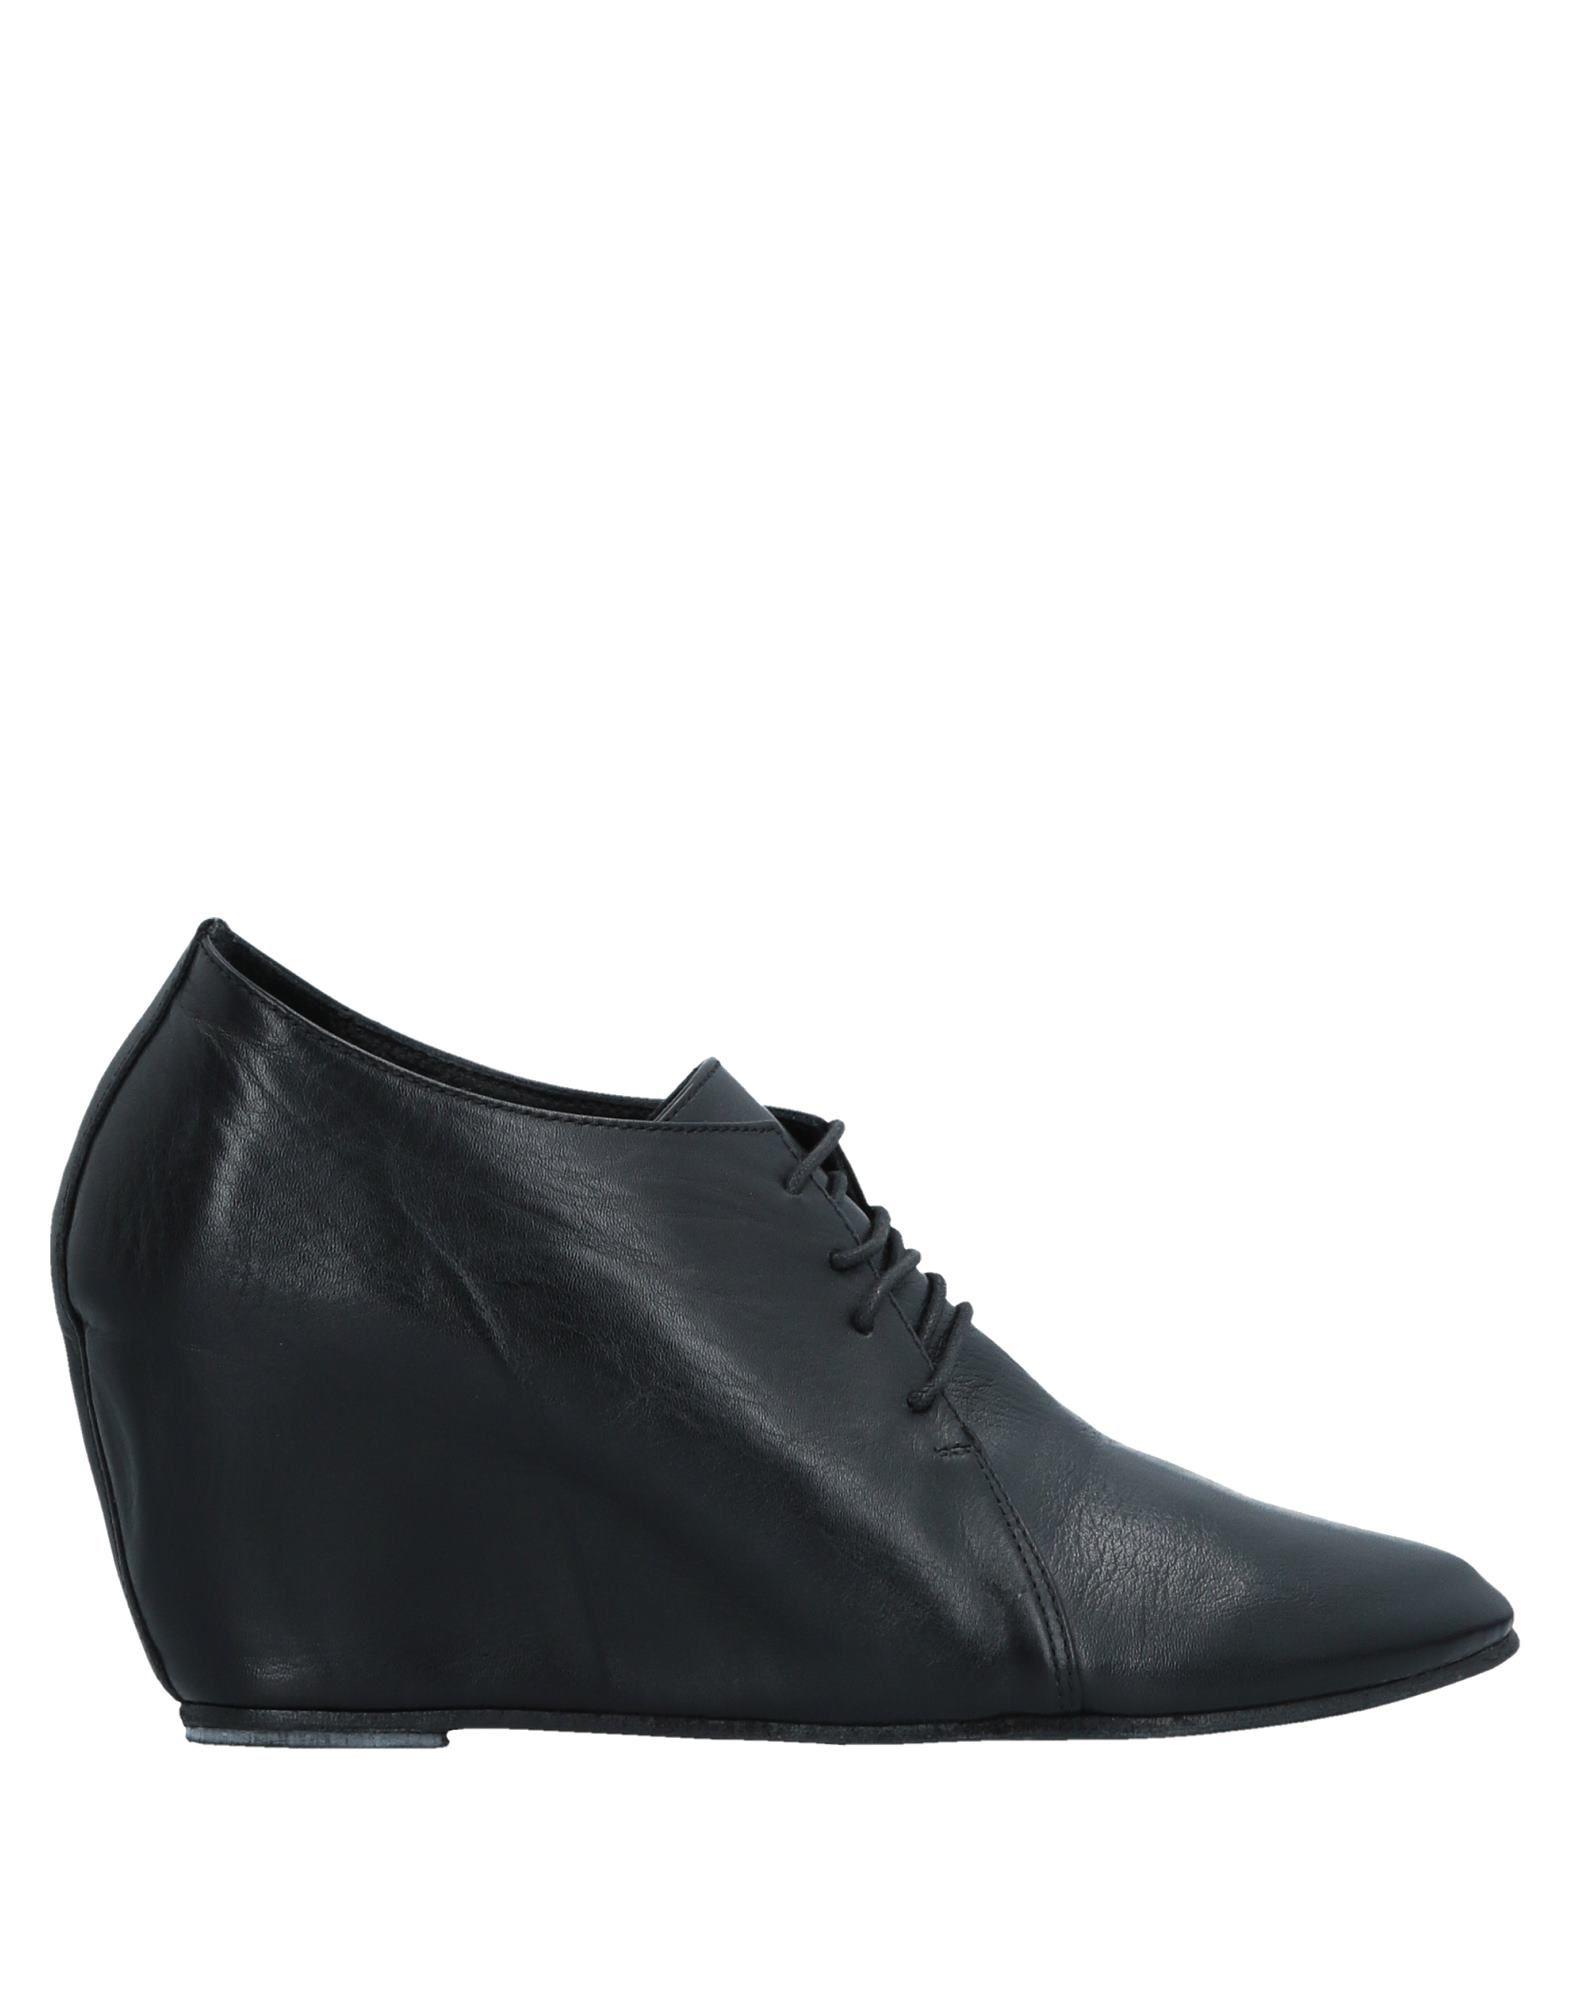 Kudetà Schnürschuhe Damen  11515794EO Gute Qualität beliebte Schuhe